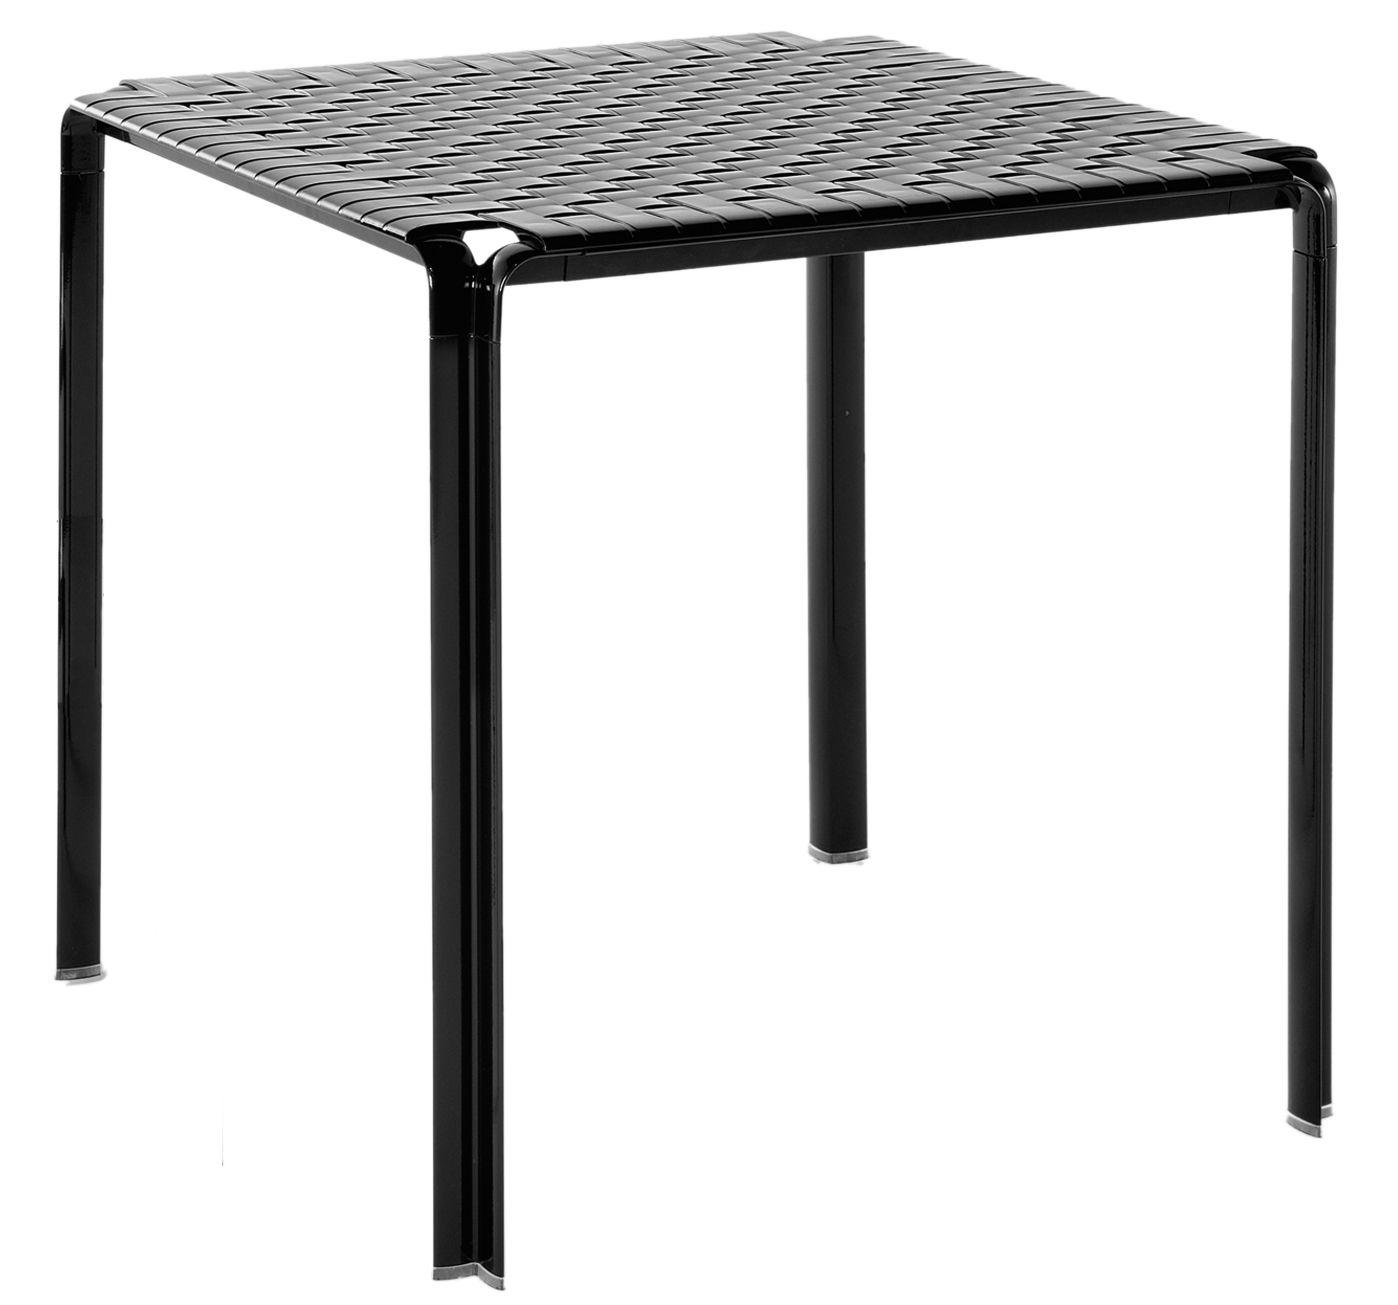 Outdoor - Tische - Ami Ami quadratischer Tisch - Kartell - Schwarz glänzend - Aluminium, Polykarbonat